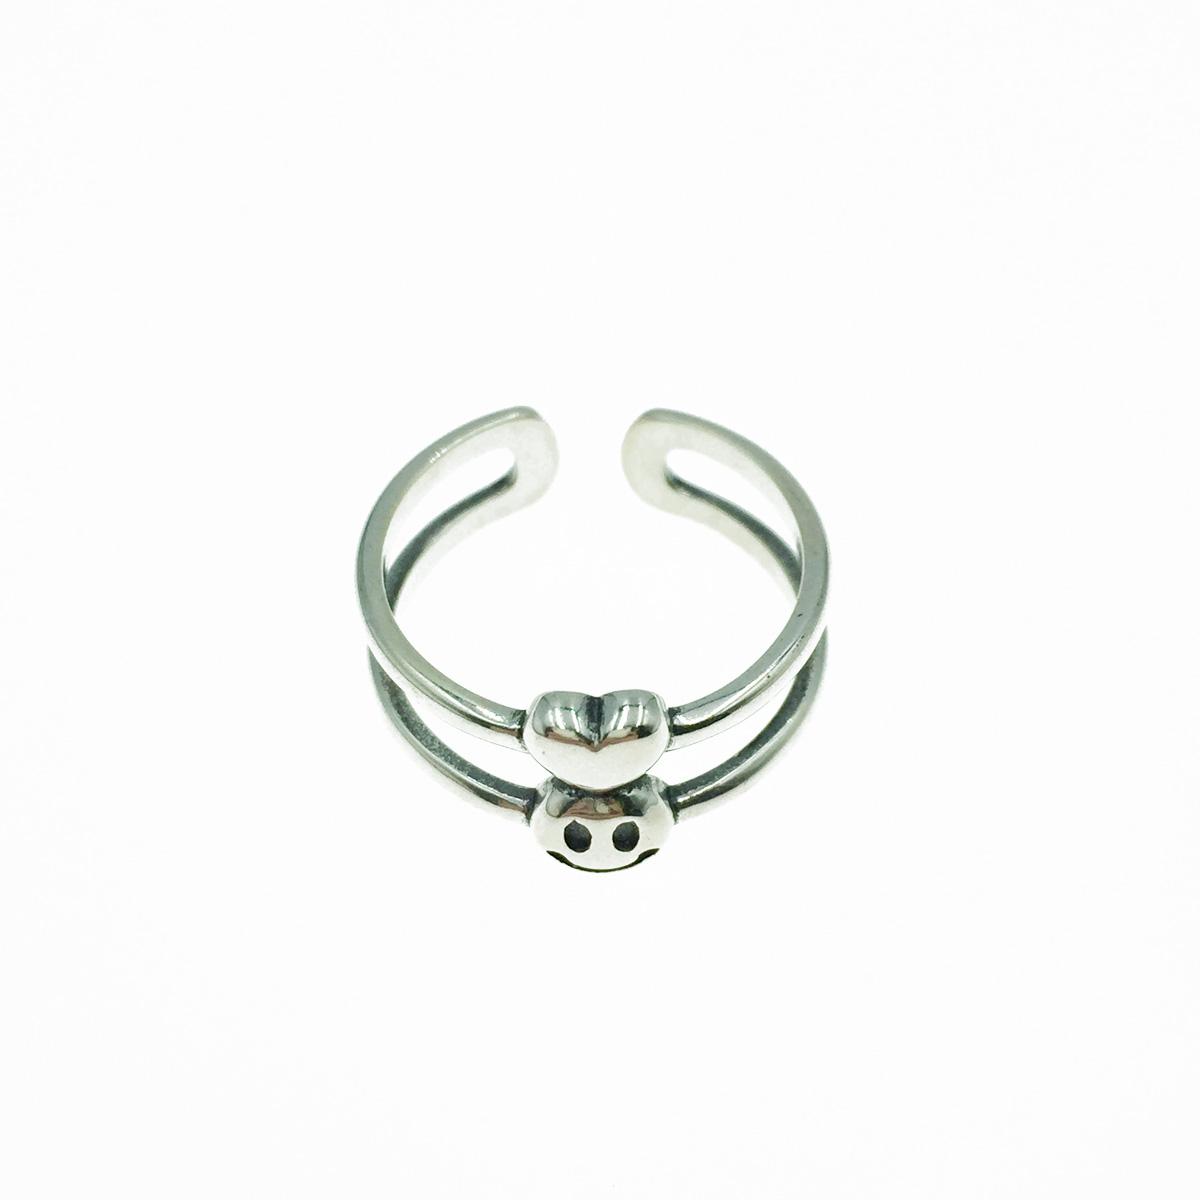 韓國 925純銀 簍空雙環 愛心 笑臉 金屬 可調式 戒指